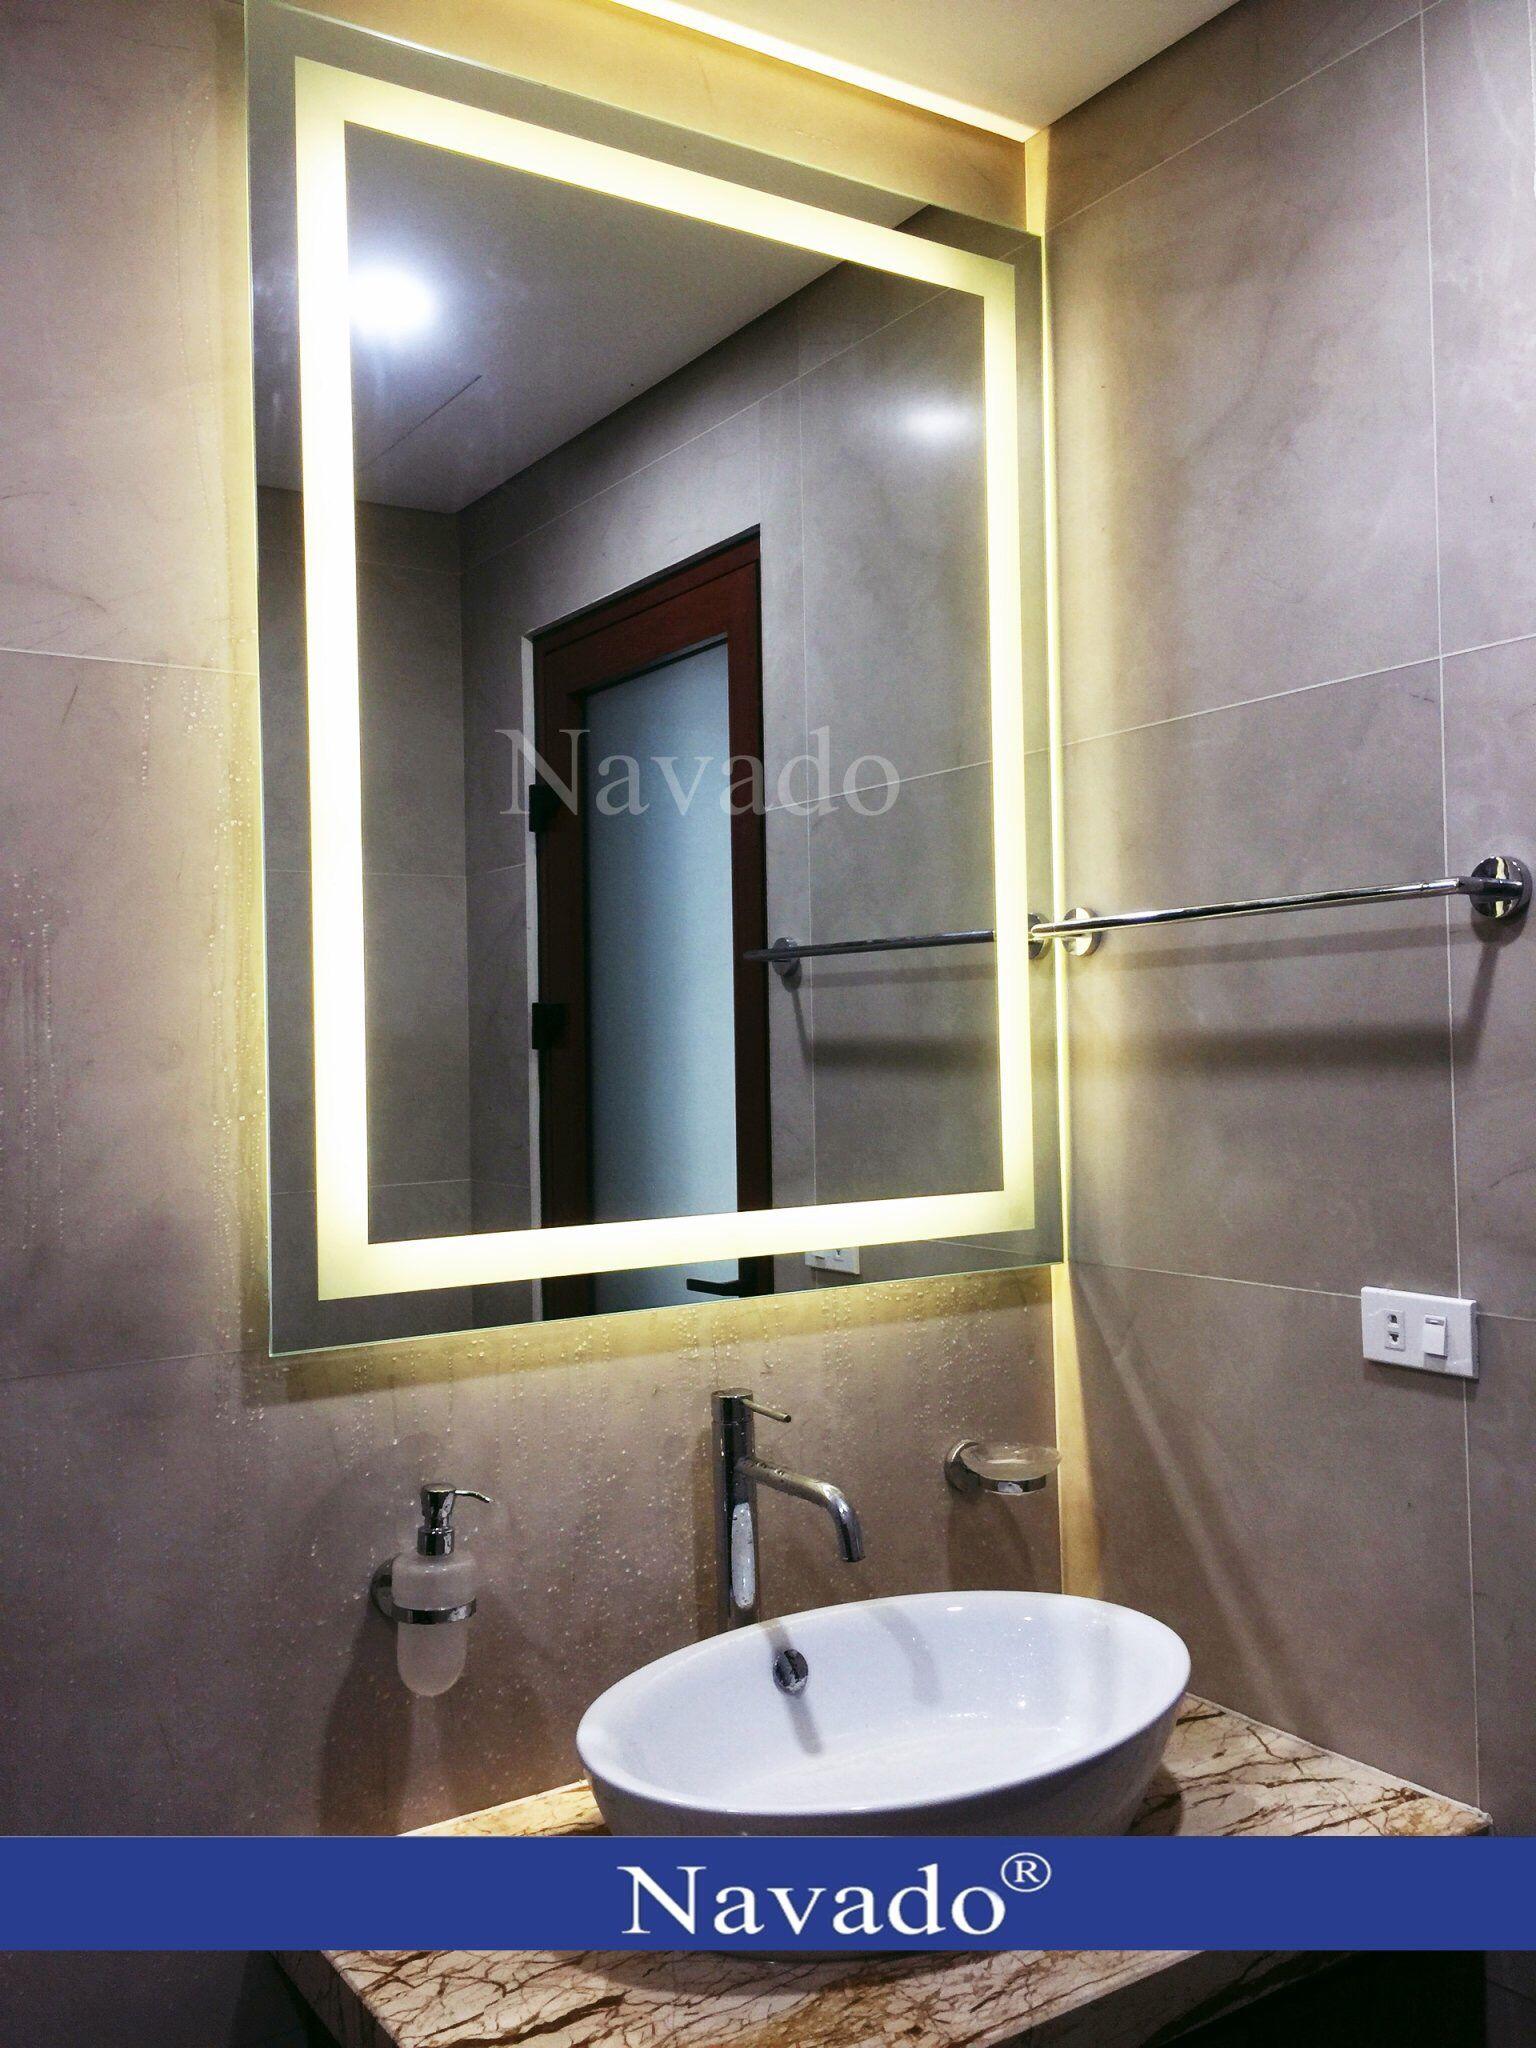 Gương phòng tắm có gắn đèn led hiện đại | Gương, Đèn led, Phòng tắm